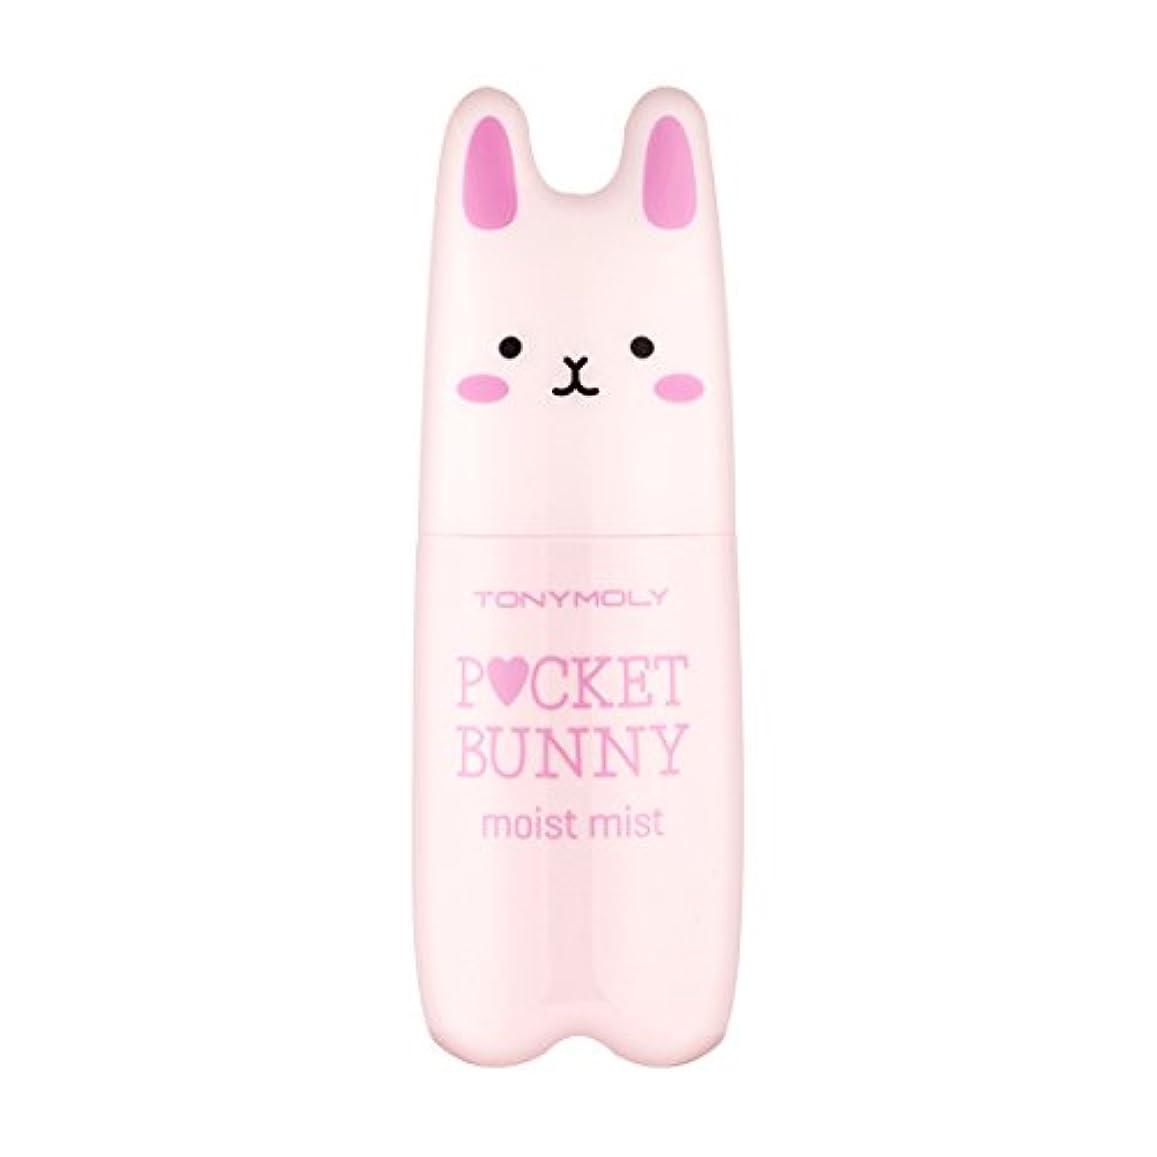 性差別資本主義ほとんどないTONYMOLY(トニーモリー) Poket Bunny Mist ポケット バニー ミスト しっとりミスト [並行輸入品]